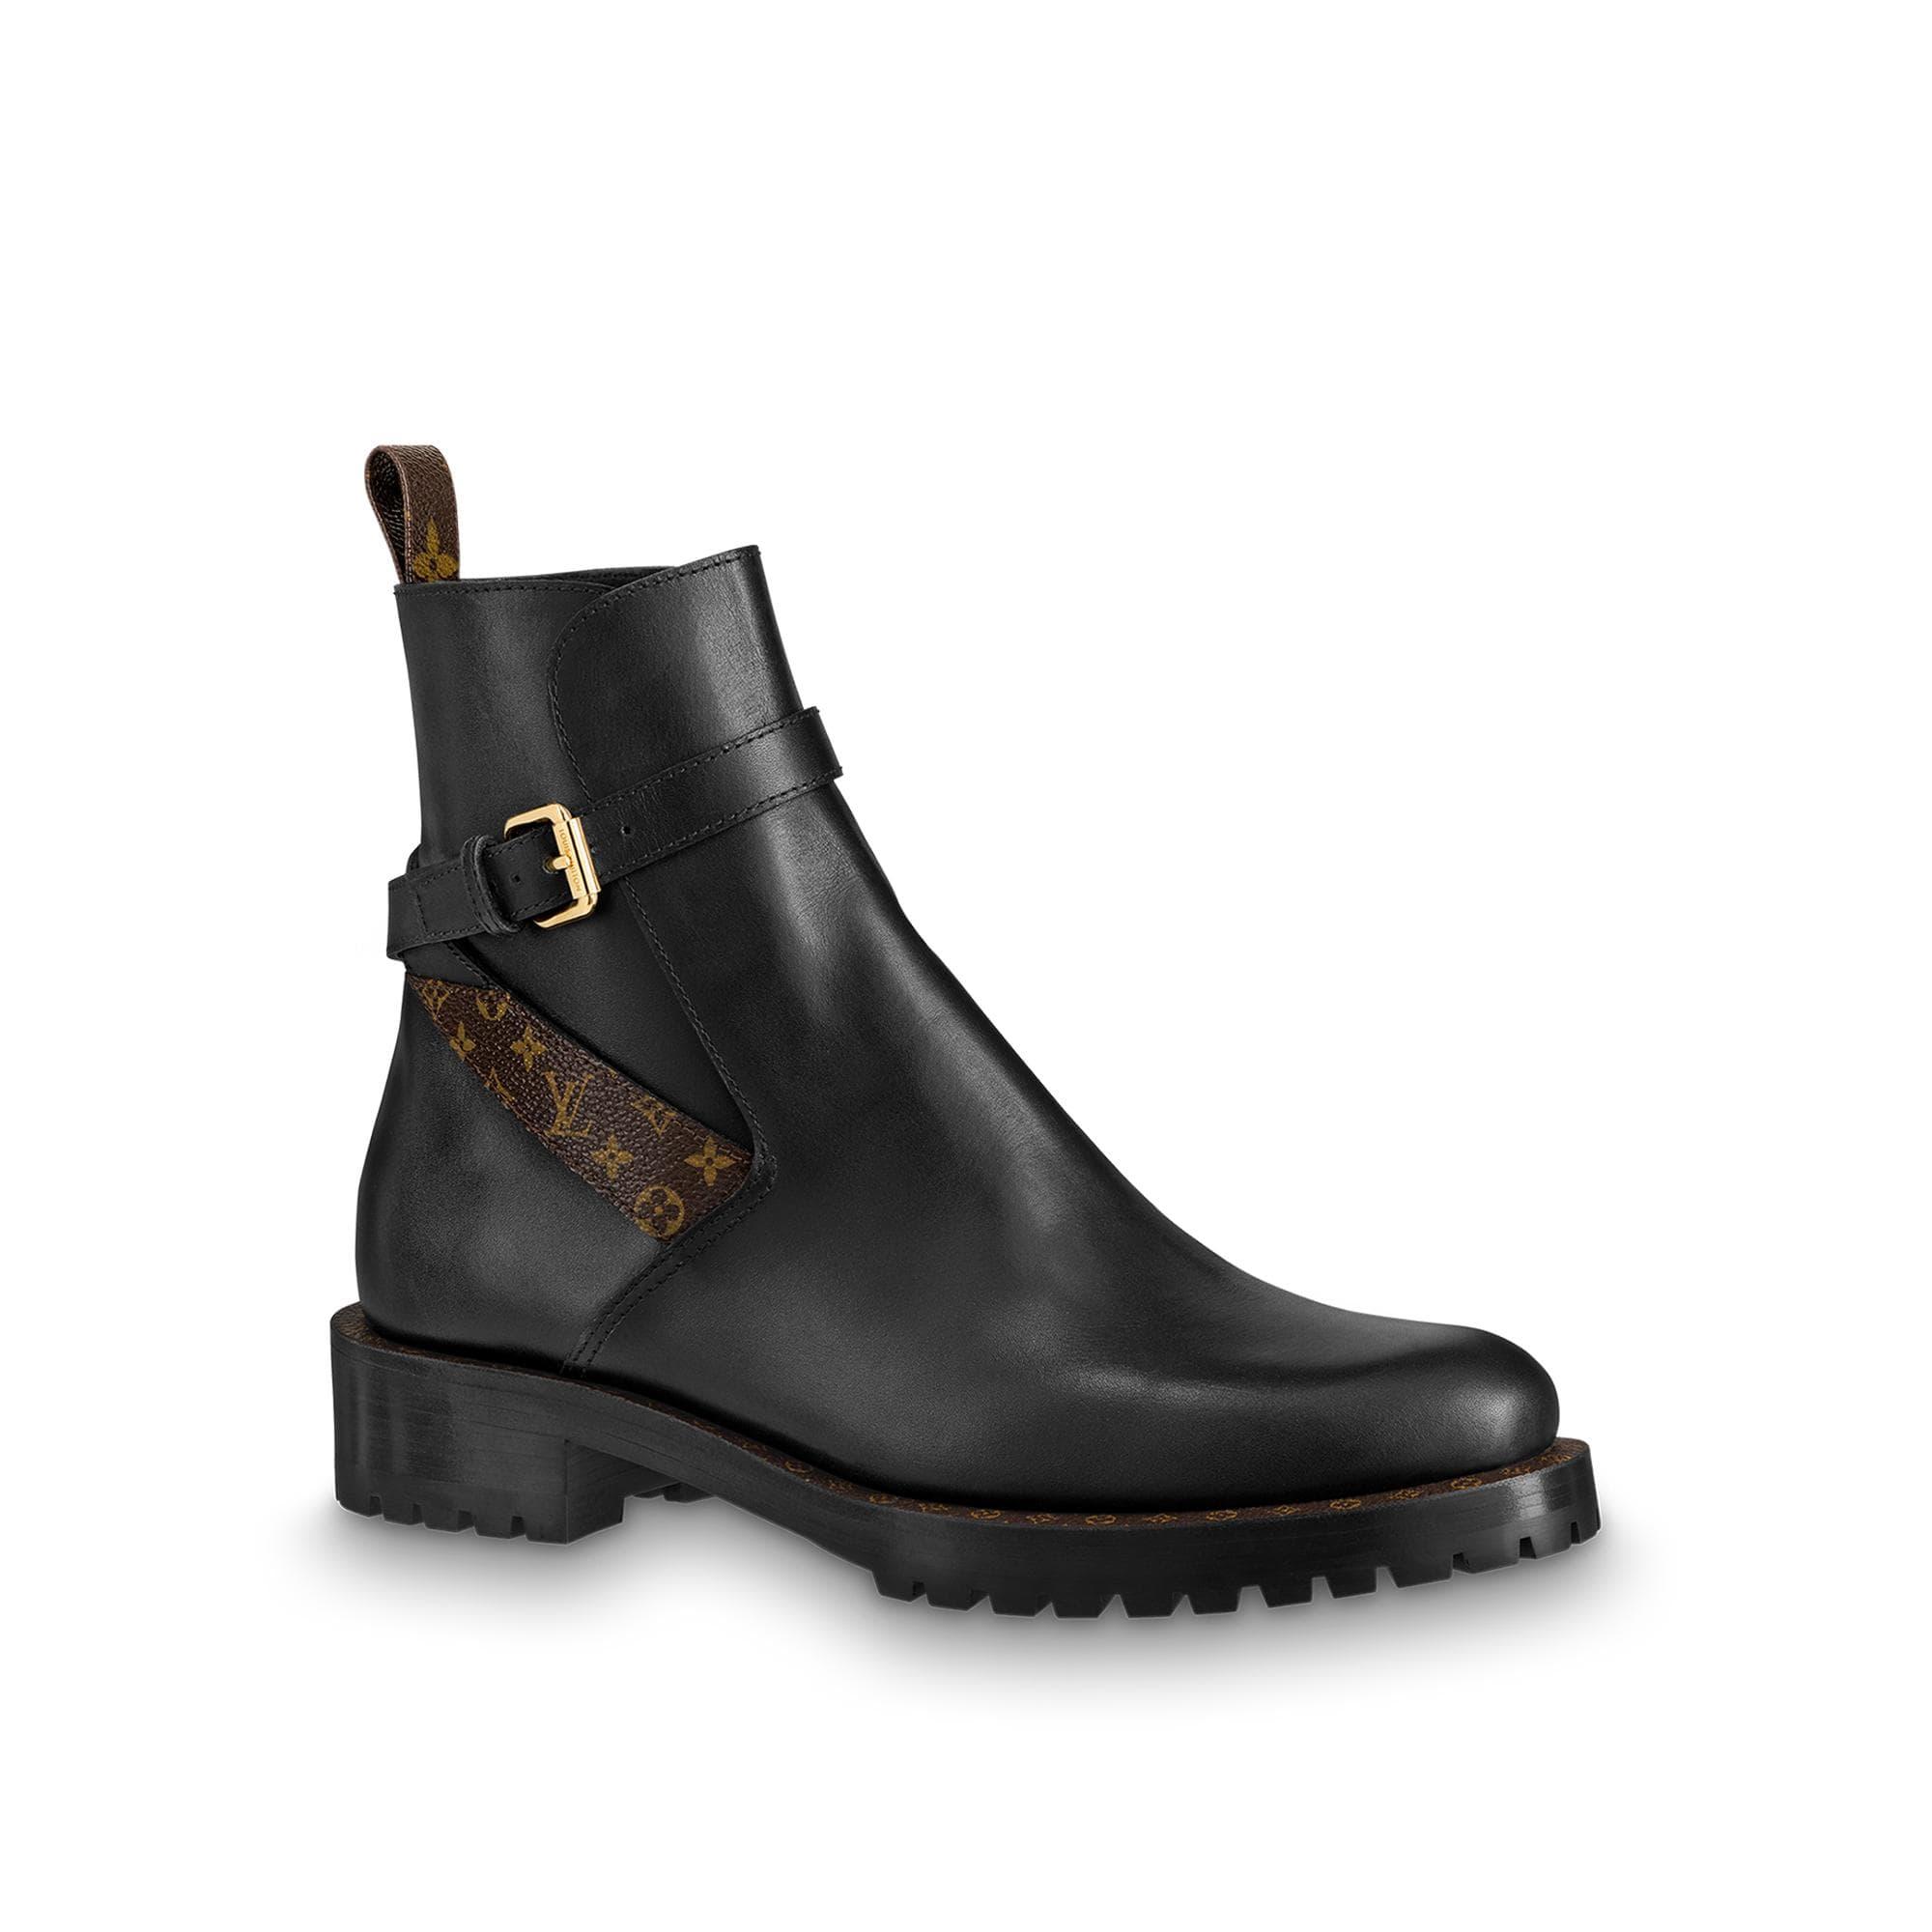 유럽직배송 루이비통 LOUIS VUITTON Discovery Ankle Boots 1A5LCR